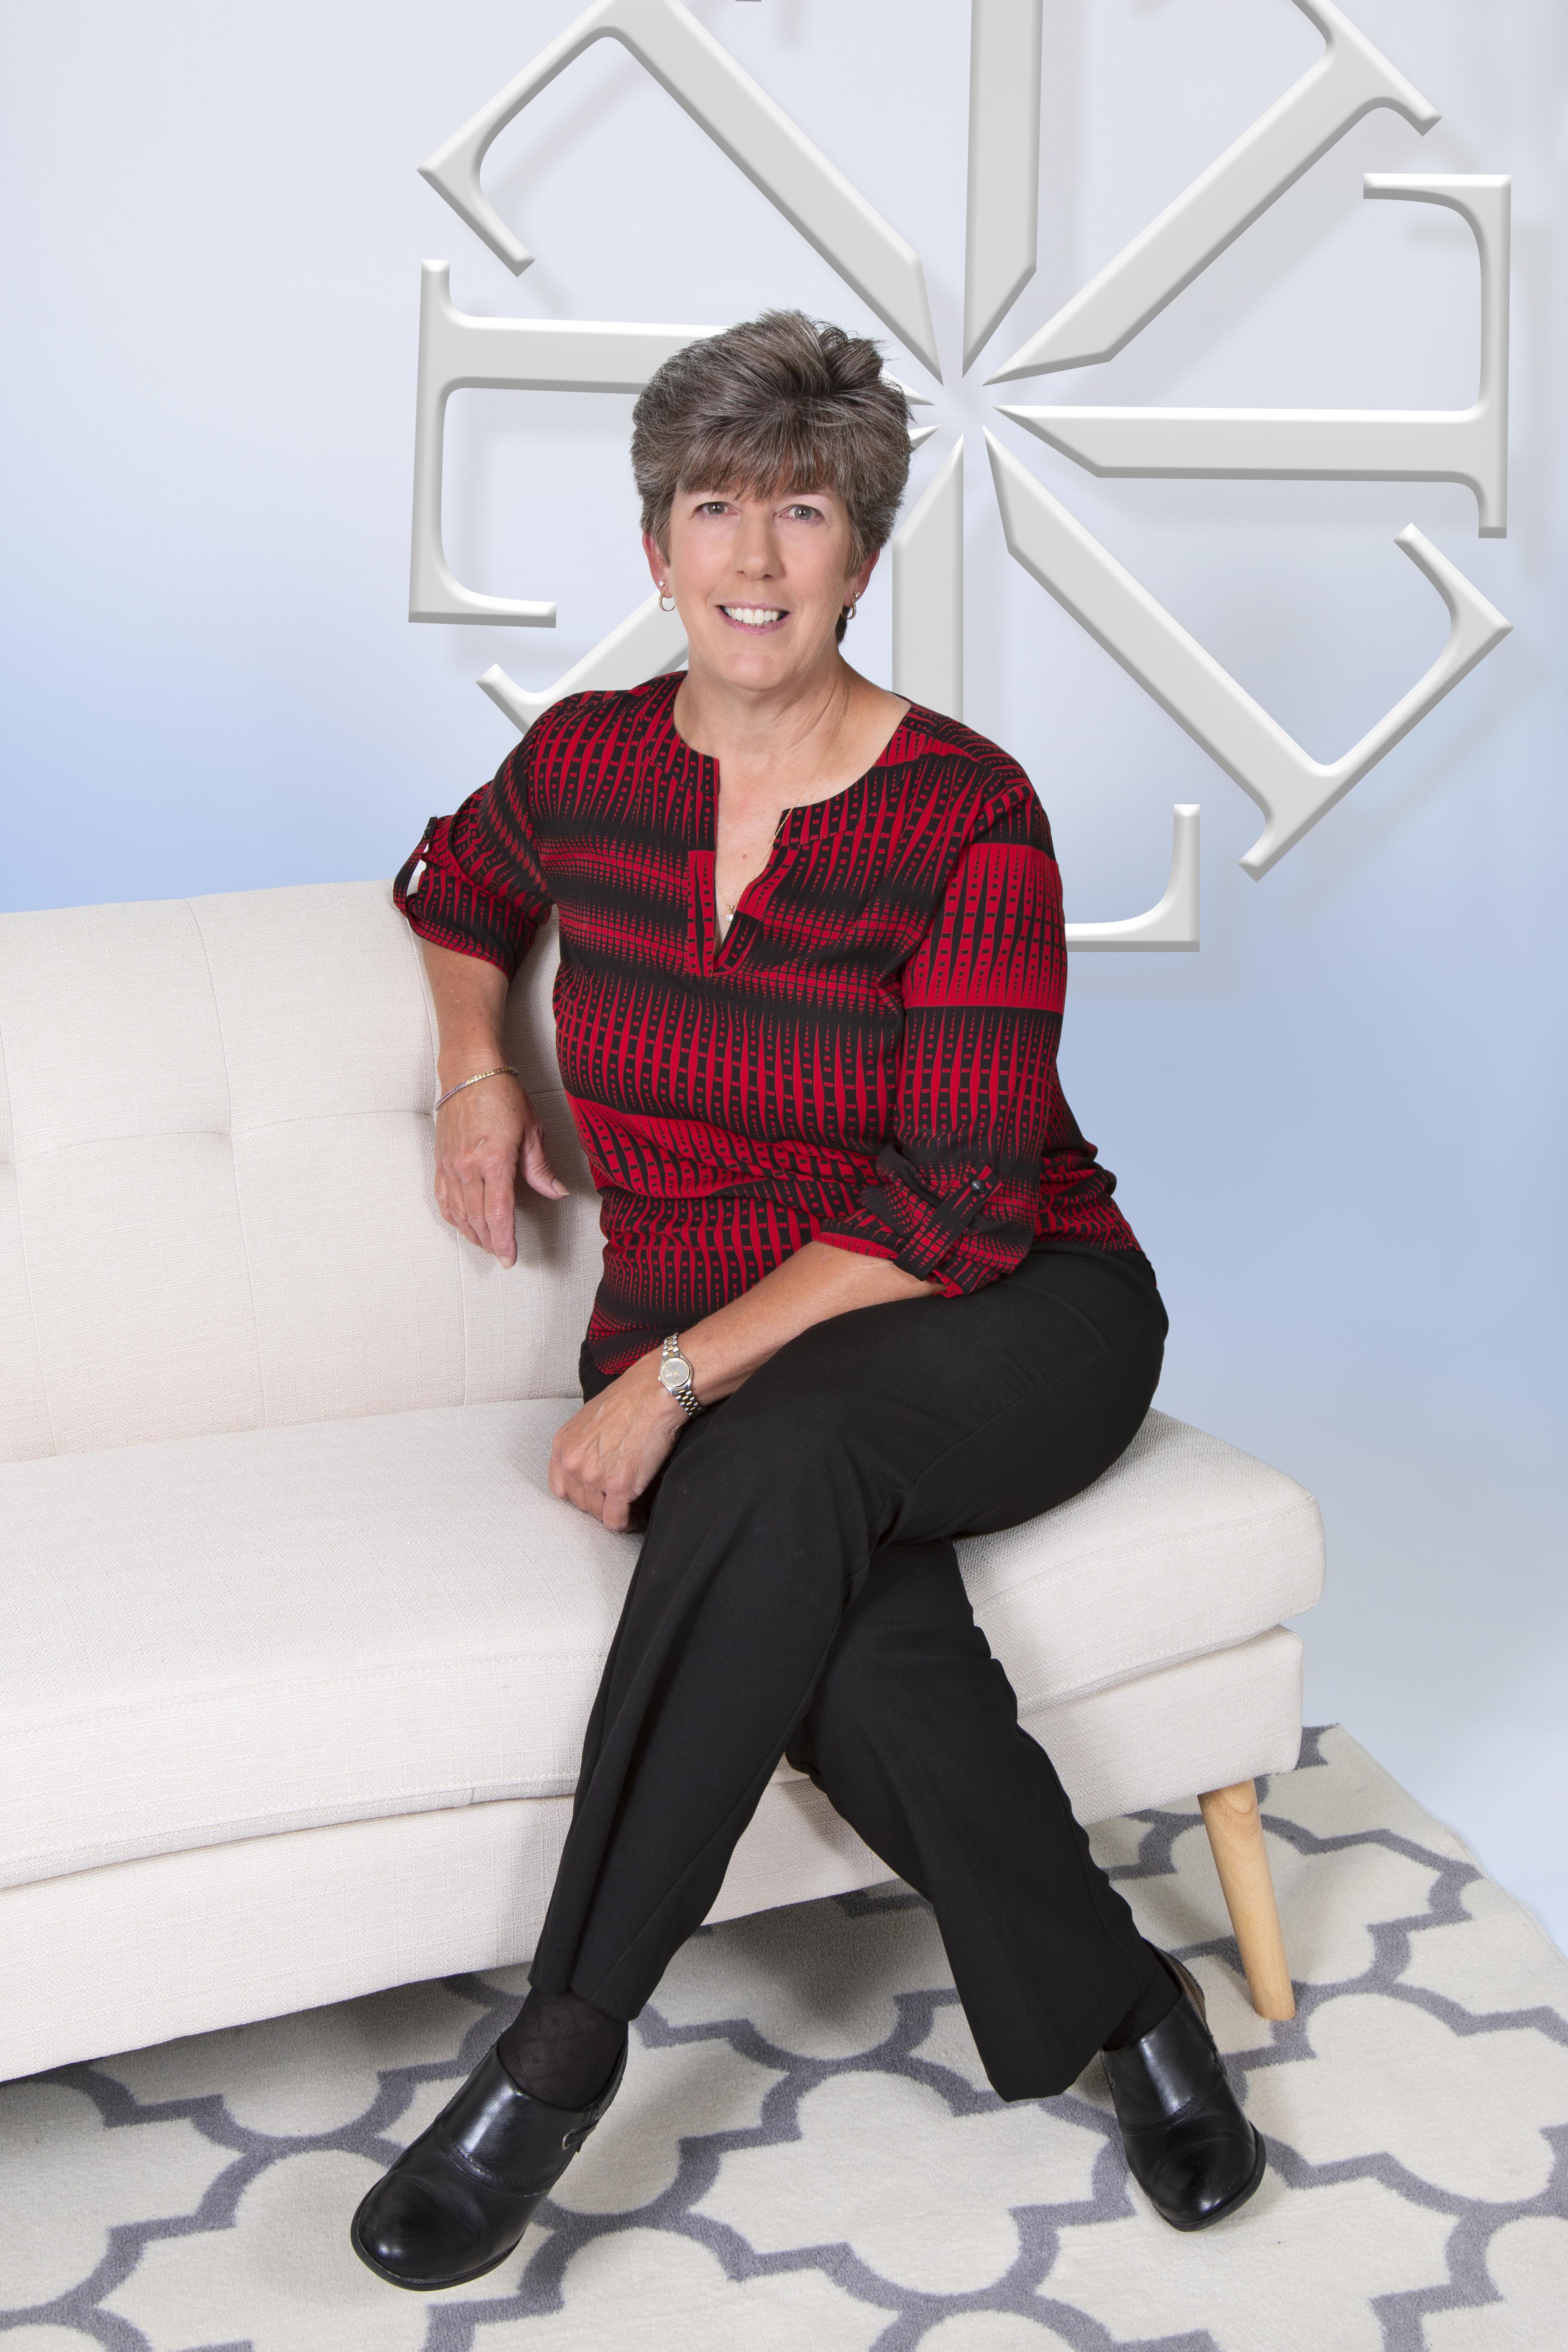 Lisa Pinder